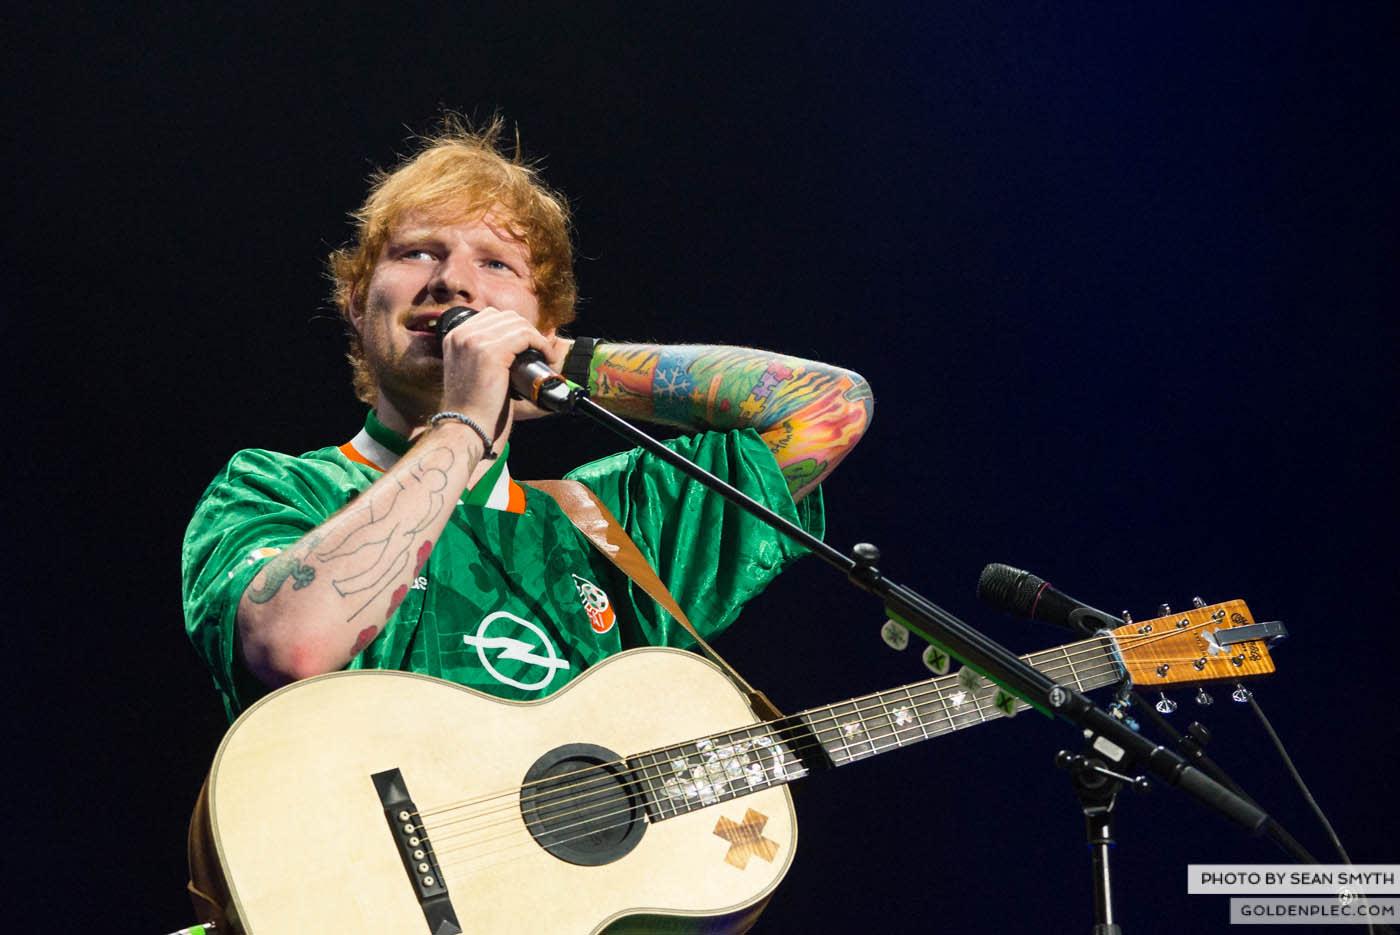 Ed Sheeran at 3arena, Dublin